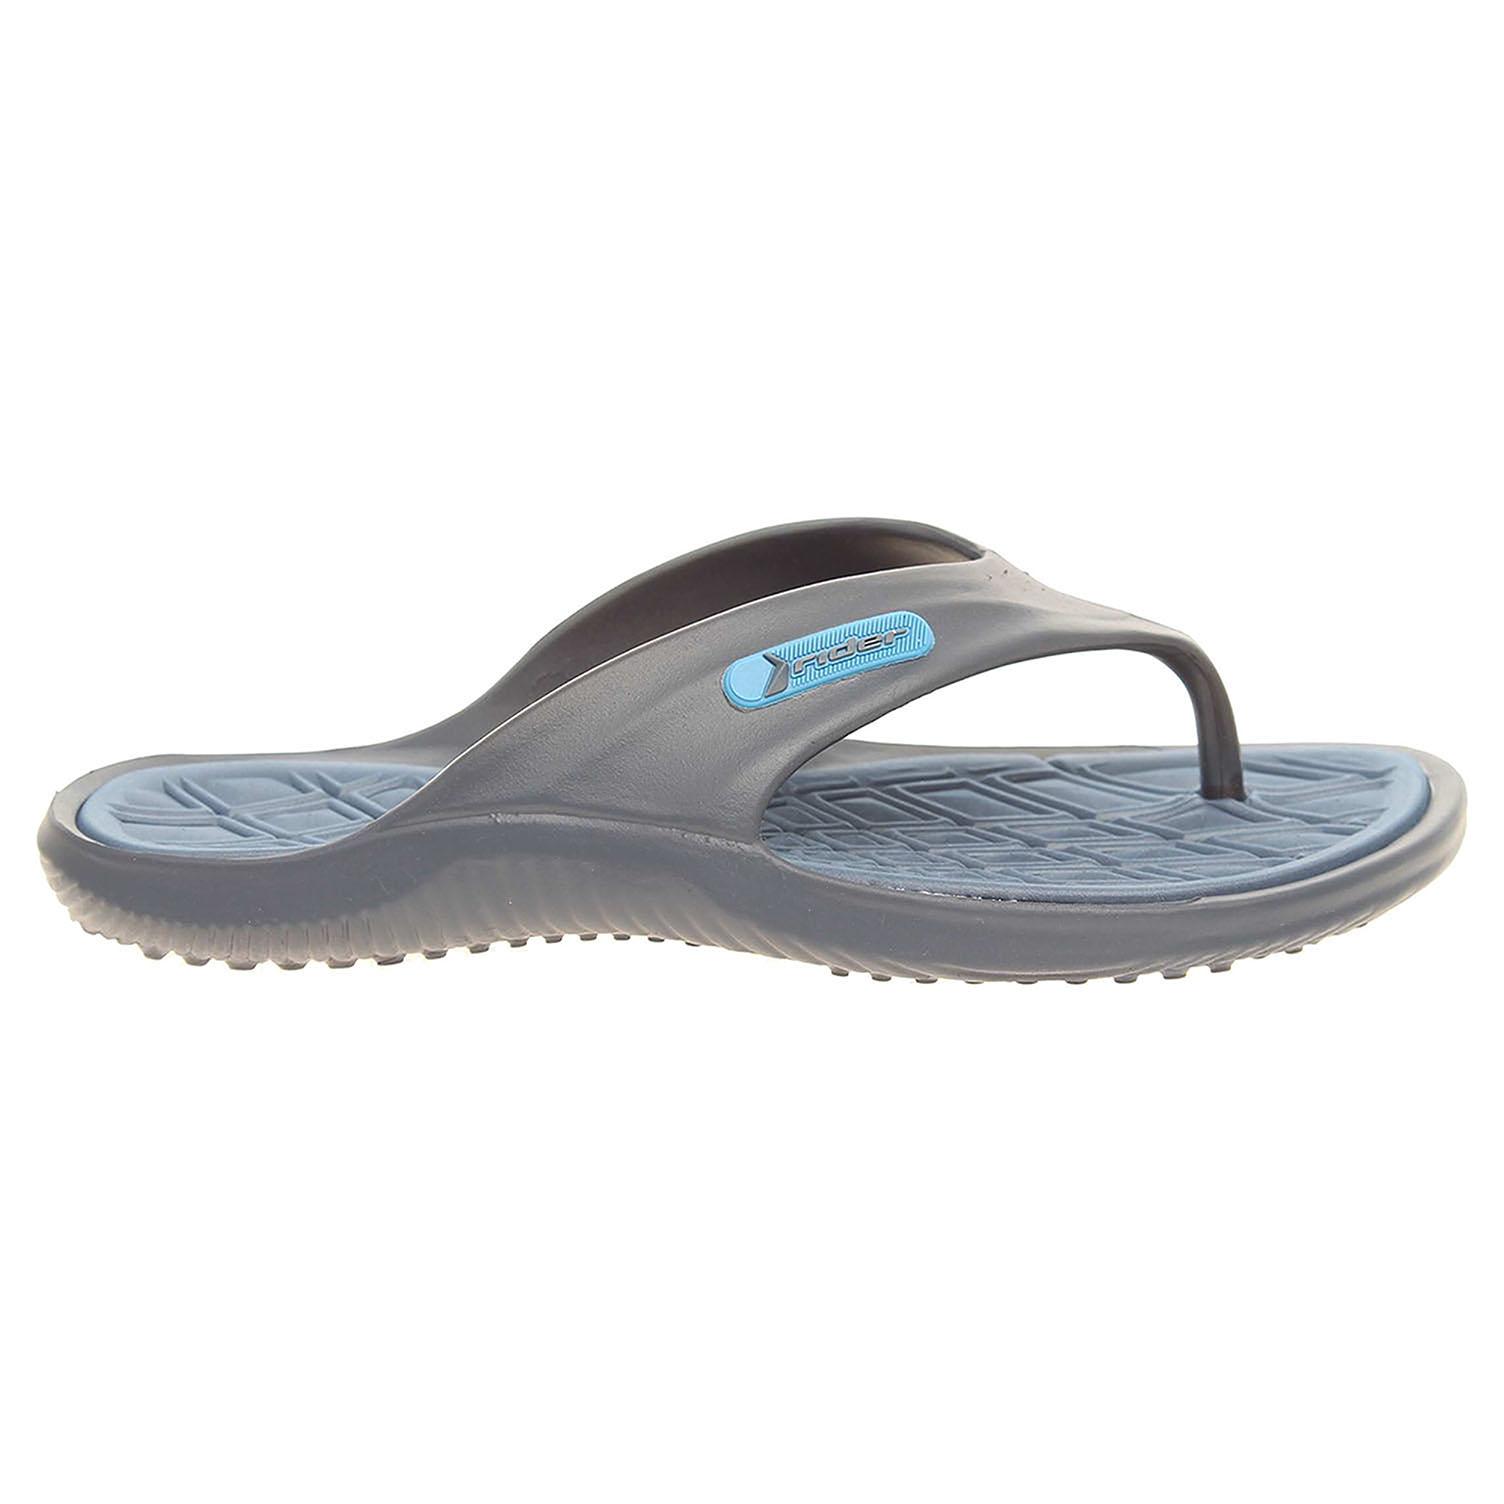 Ecco Rider pánské plážové pantofle 81900 24078 modré 24500130